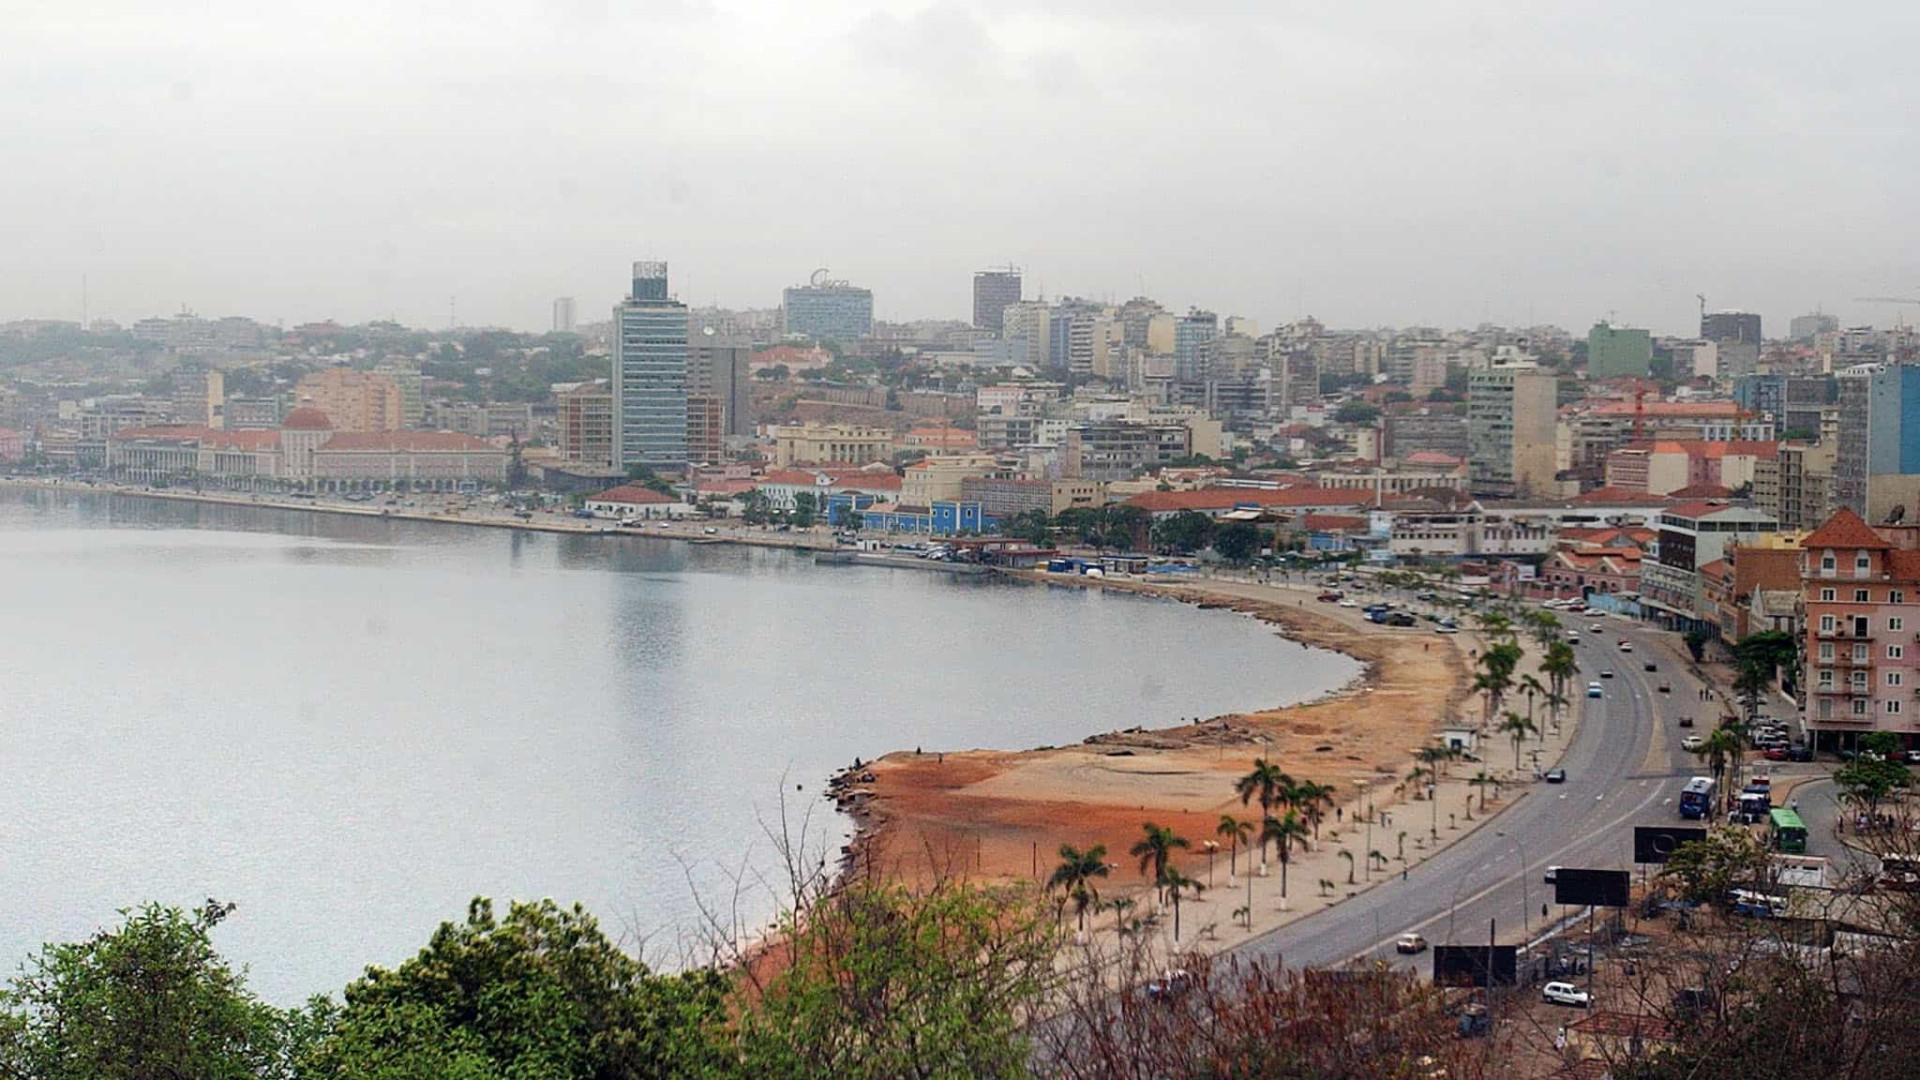 Cadáveres de recém-nascidos retirados de contentores e valas em Luanda